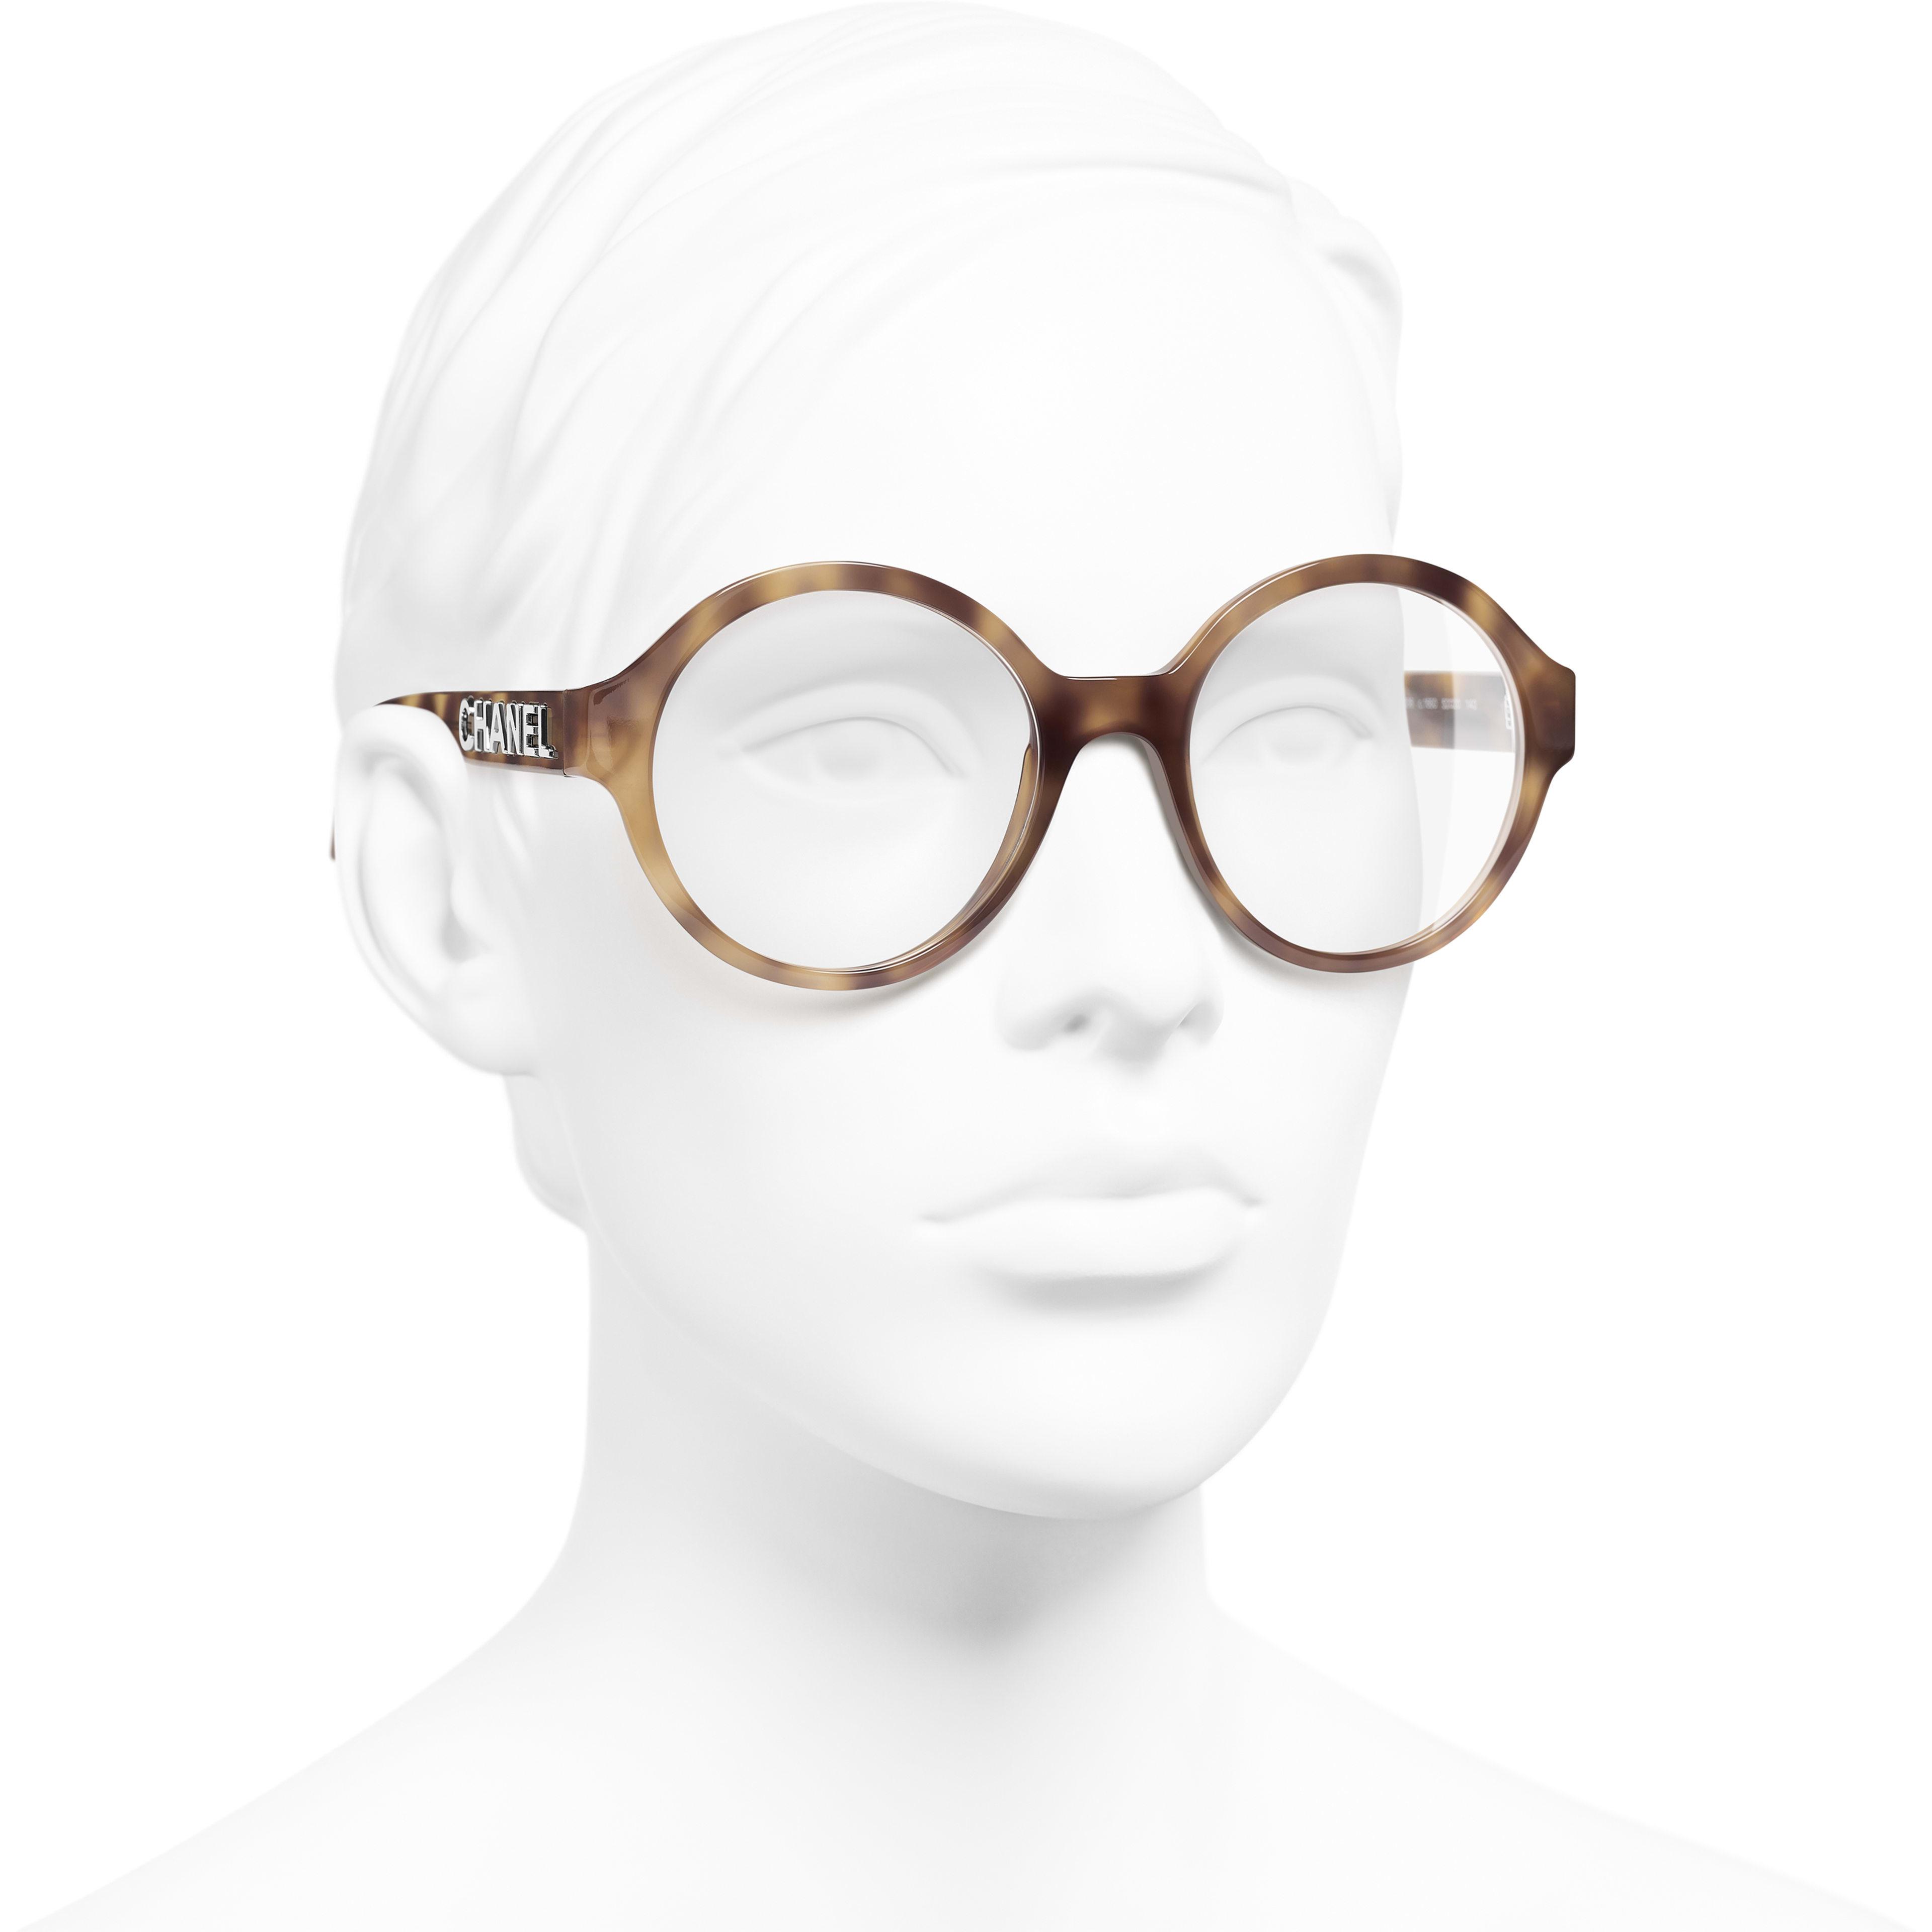 แว่นสายตาทรงกลม - สีกระอ่อน - อะซิเตท - มุมมองการสวมใส่ 3/4 - ดูเวอร์ชันขนาดมาตรฐาน